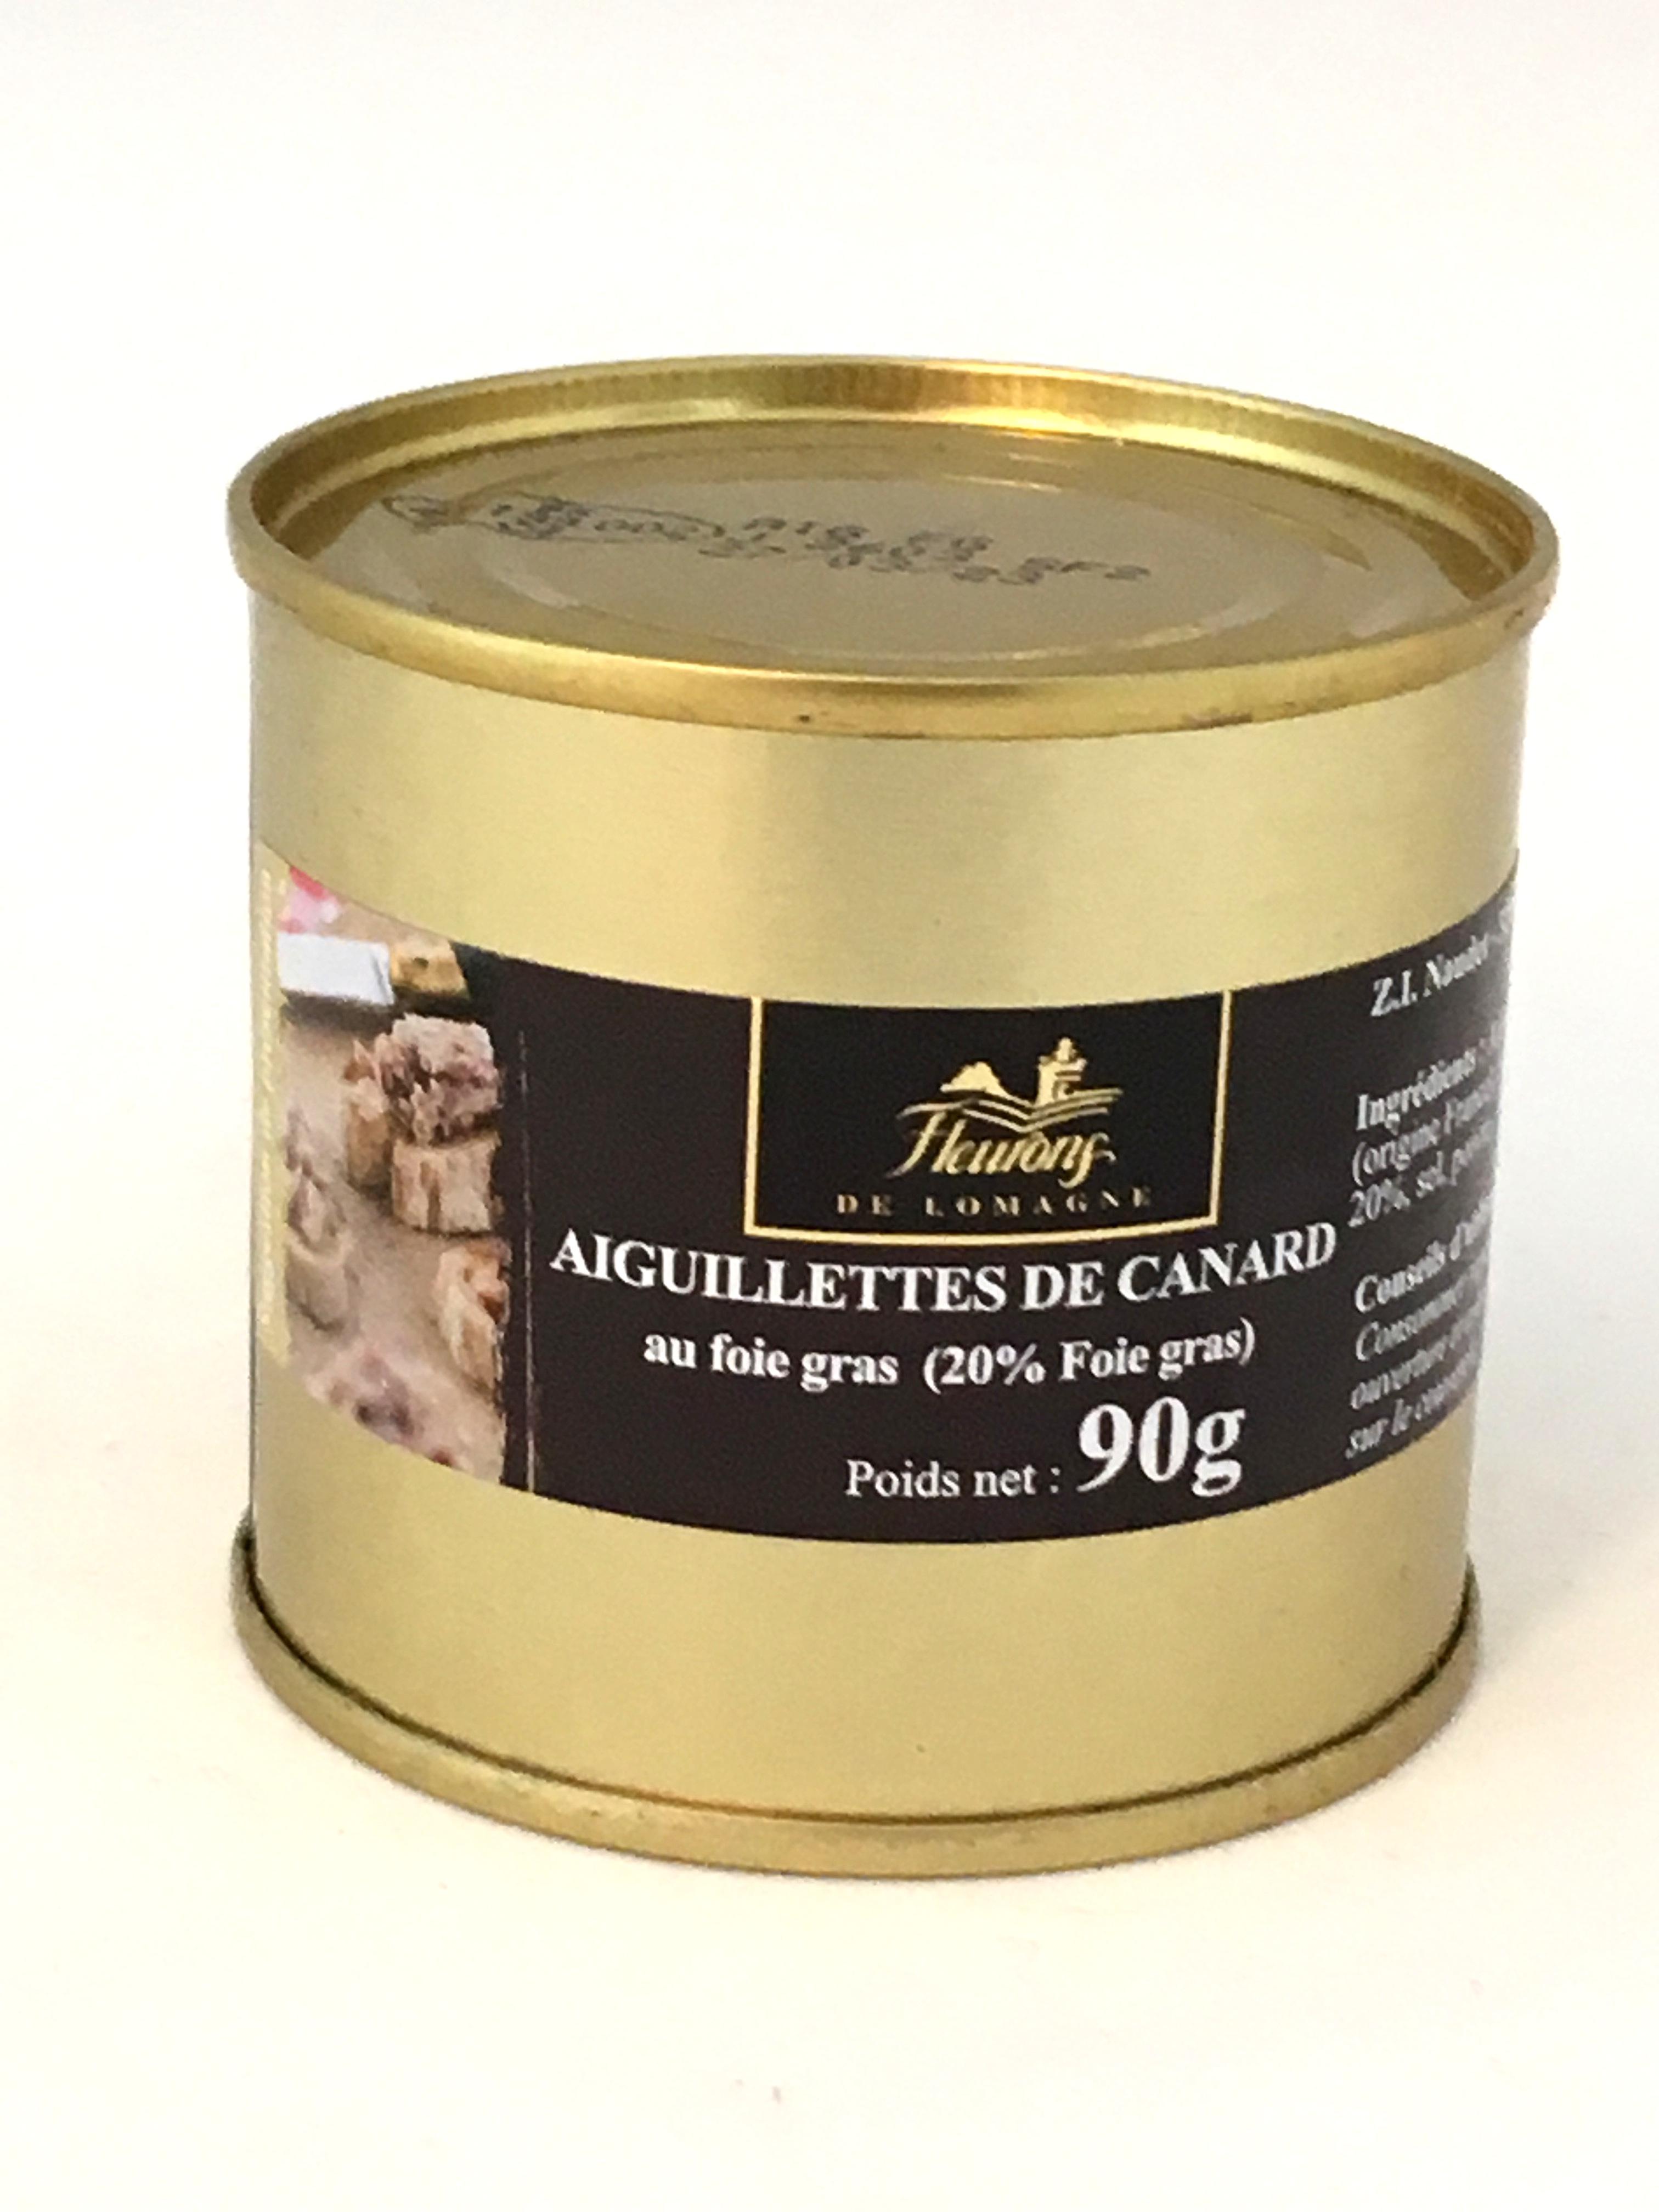 Aiguillettes de canard au foie gras (20% Foie Gras) 90g (boîte)